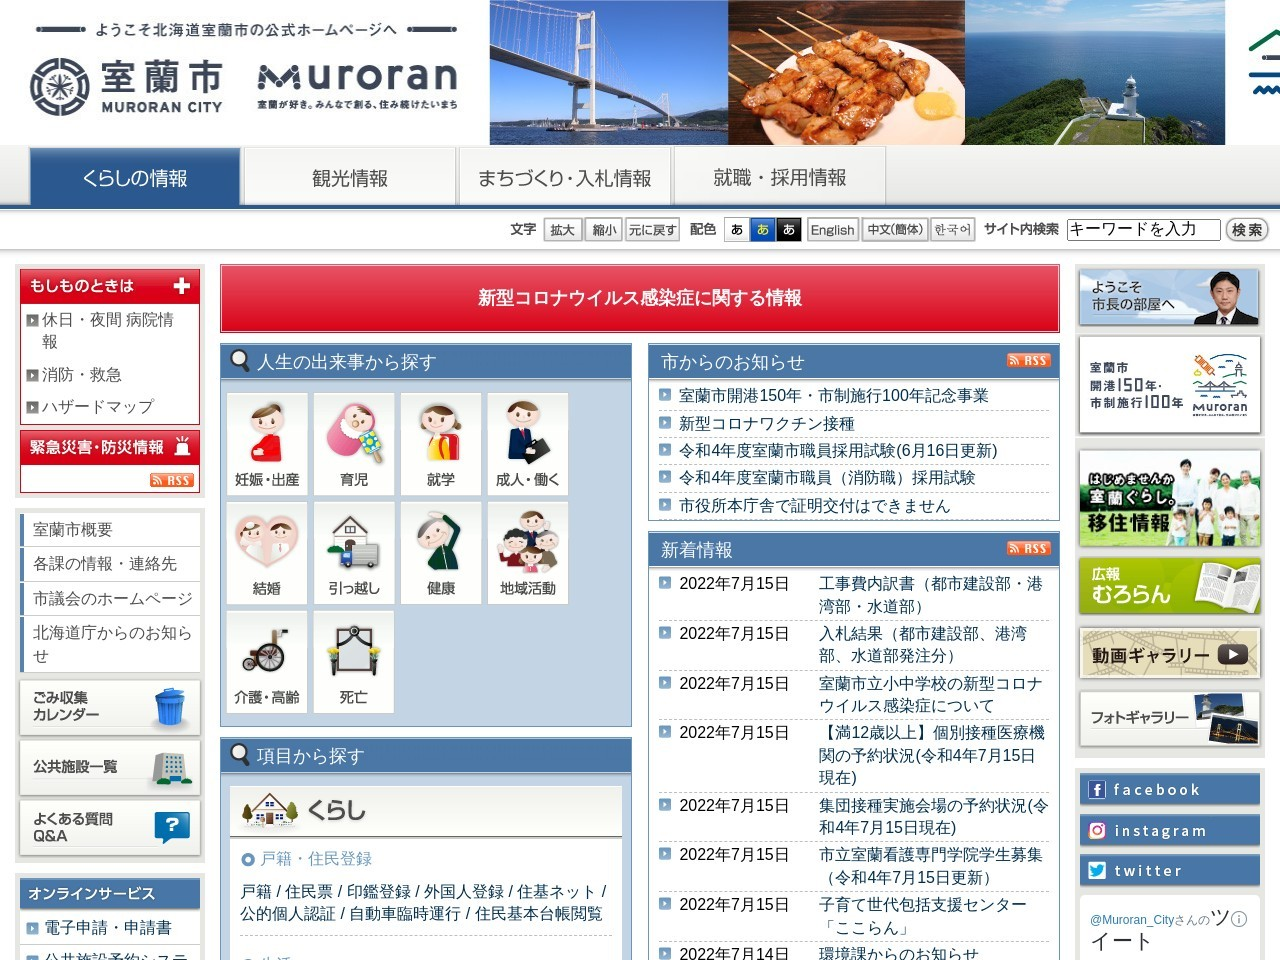 http://www.city.muroran.lg.jp/main/org3300/pcb_houkokukai28.html